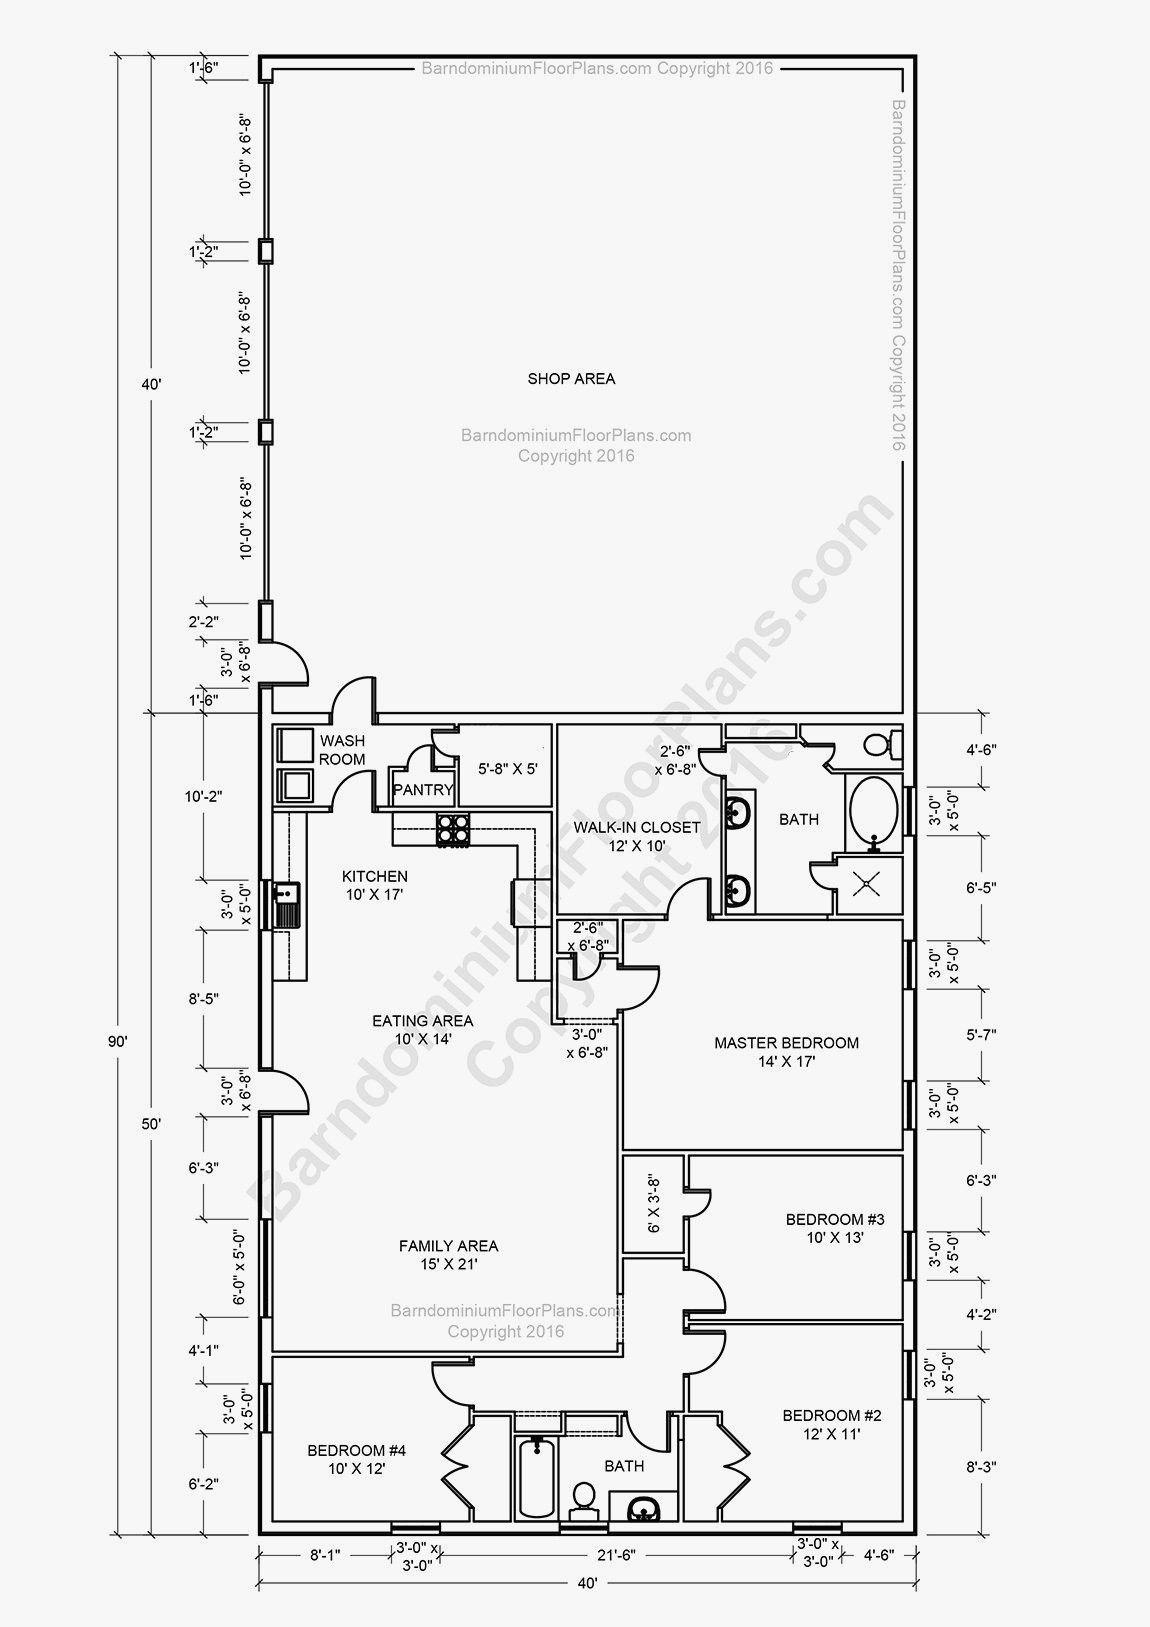 House Plans For Barn Homes 2021 Barndominium Floor Plans Metal House Plans Pole Barn House Plans